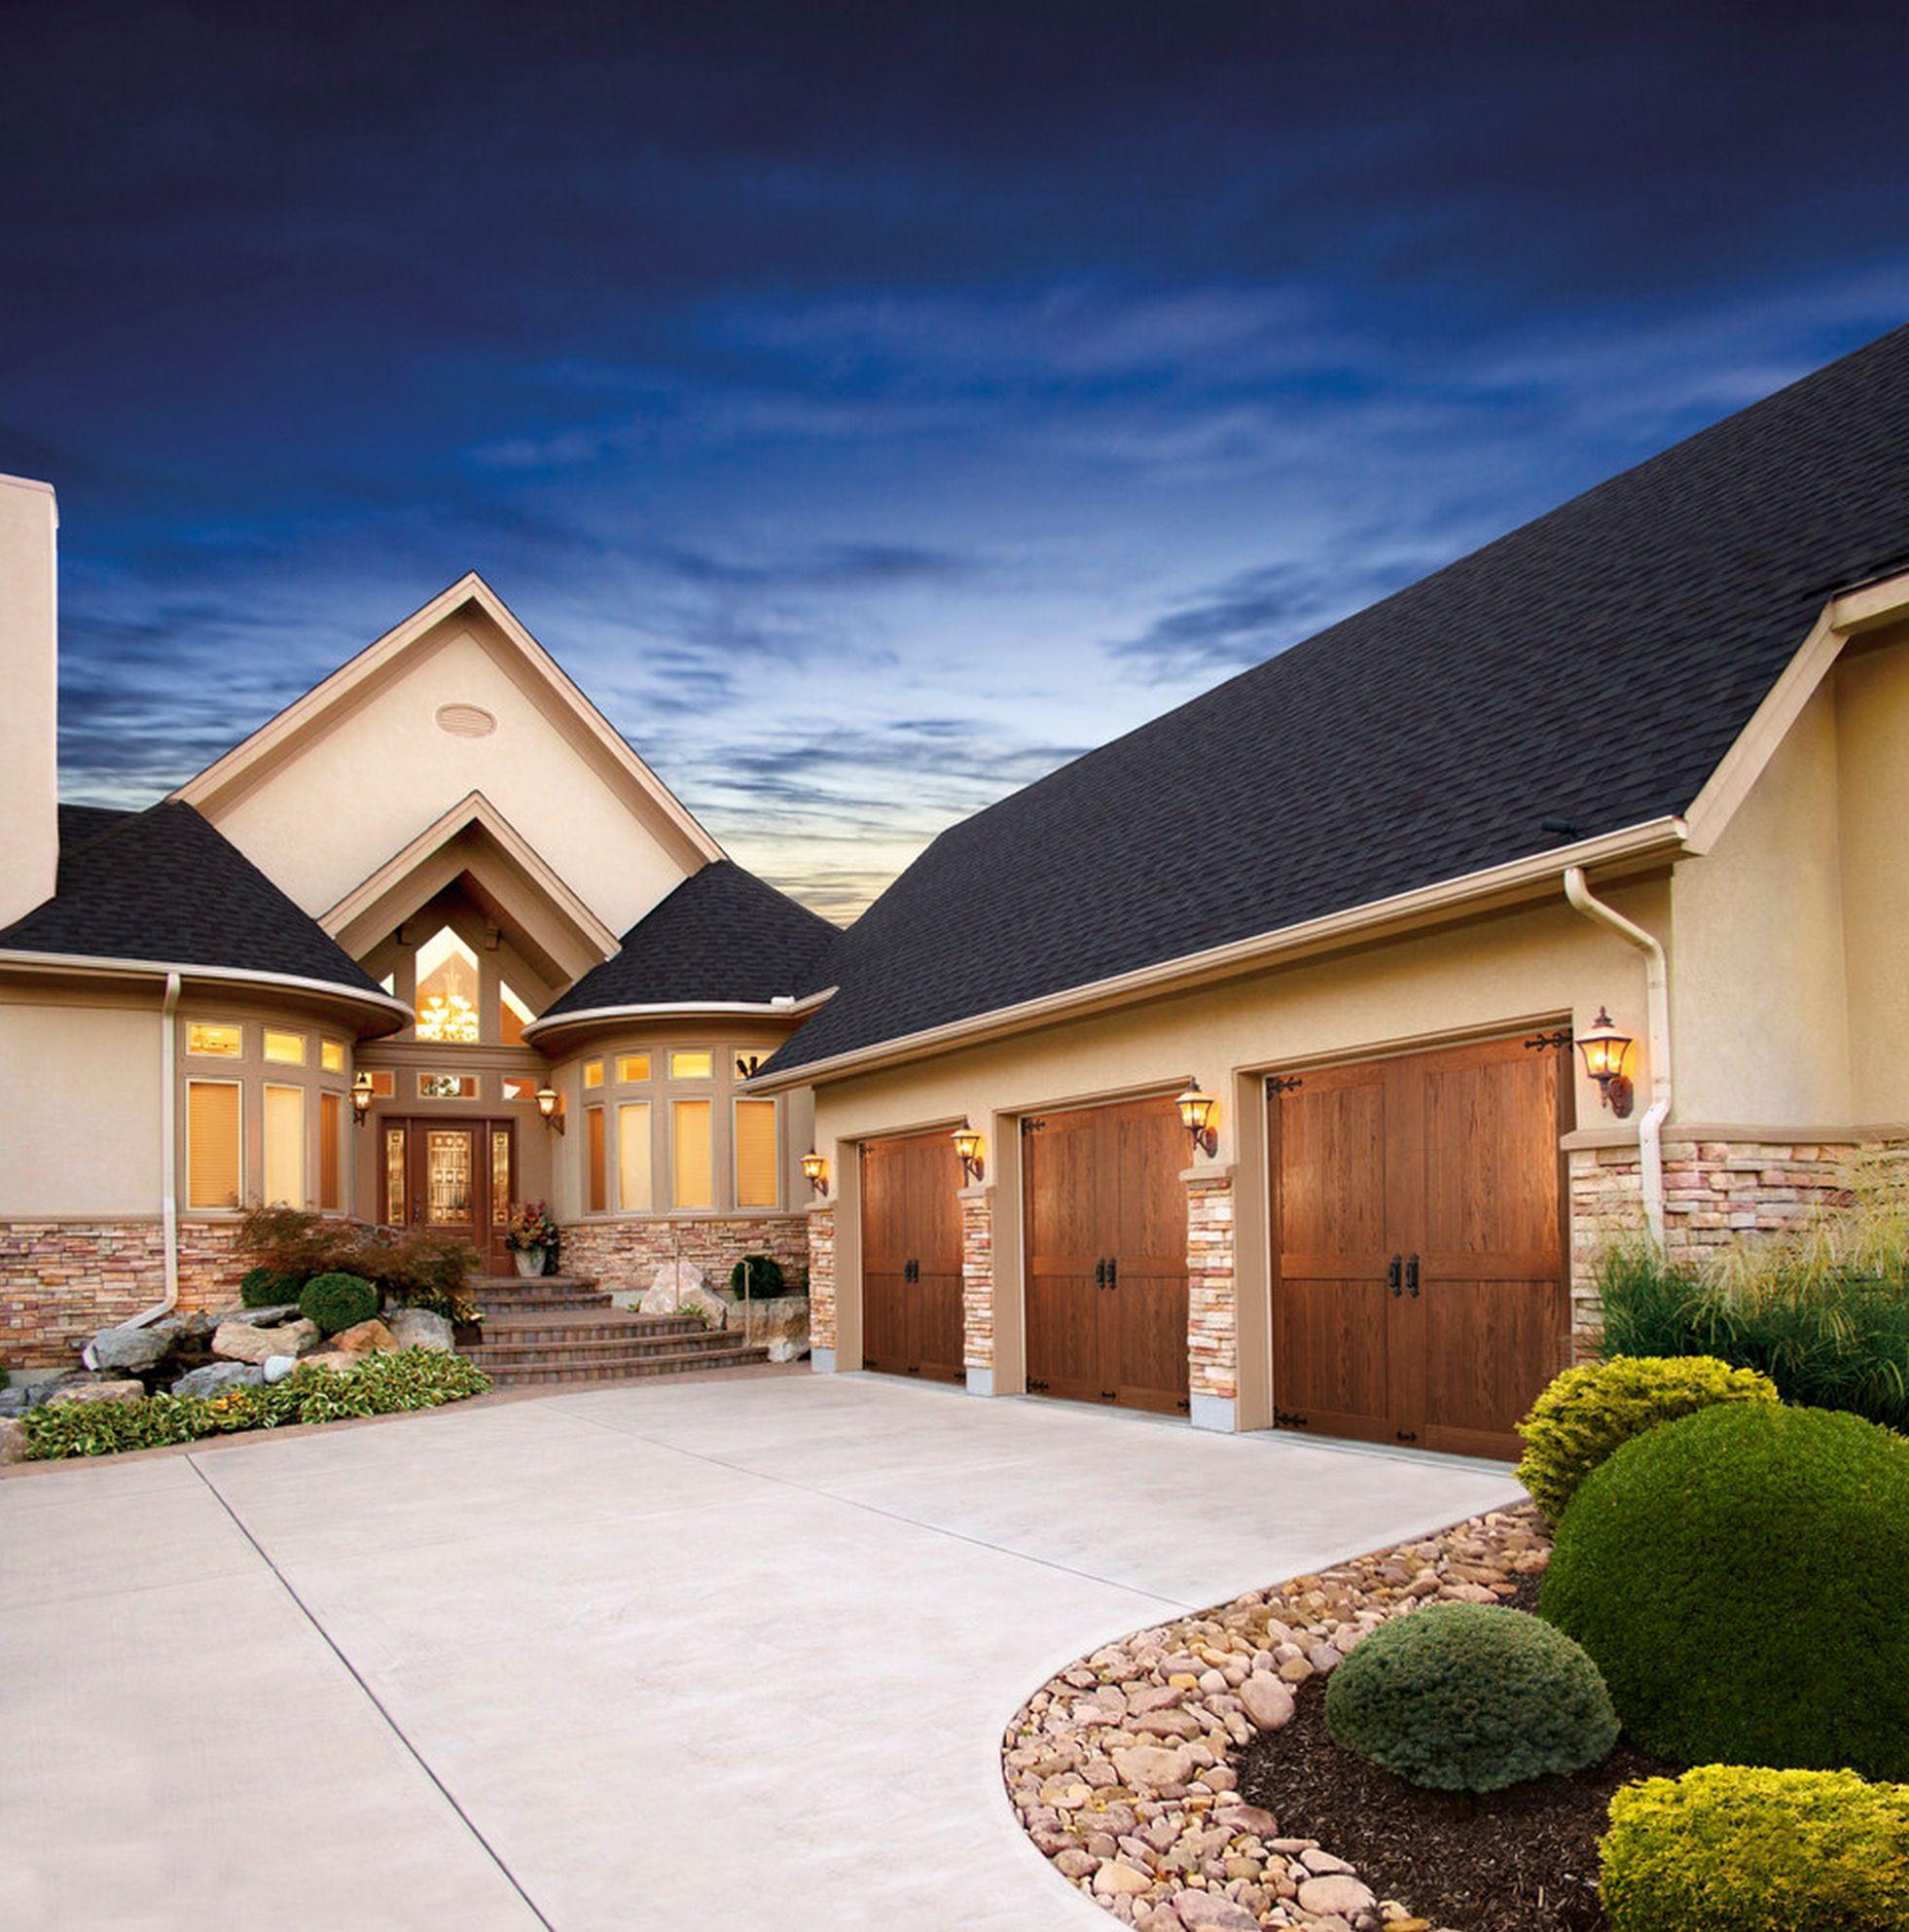 Garage Door Landscaping Ideas: Exterior Design August 2014 16